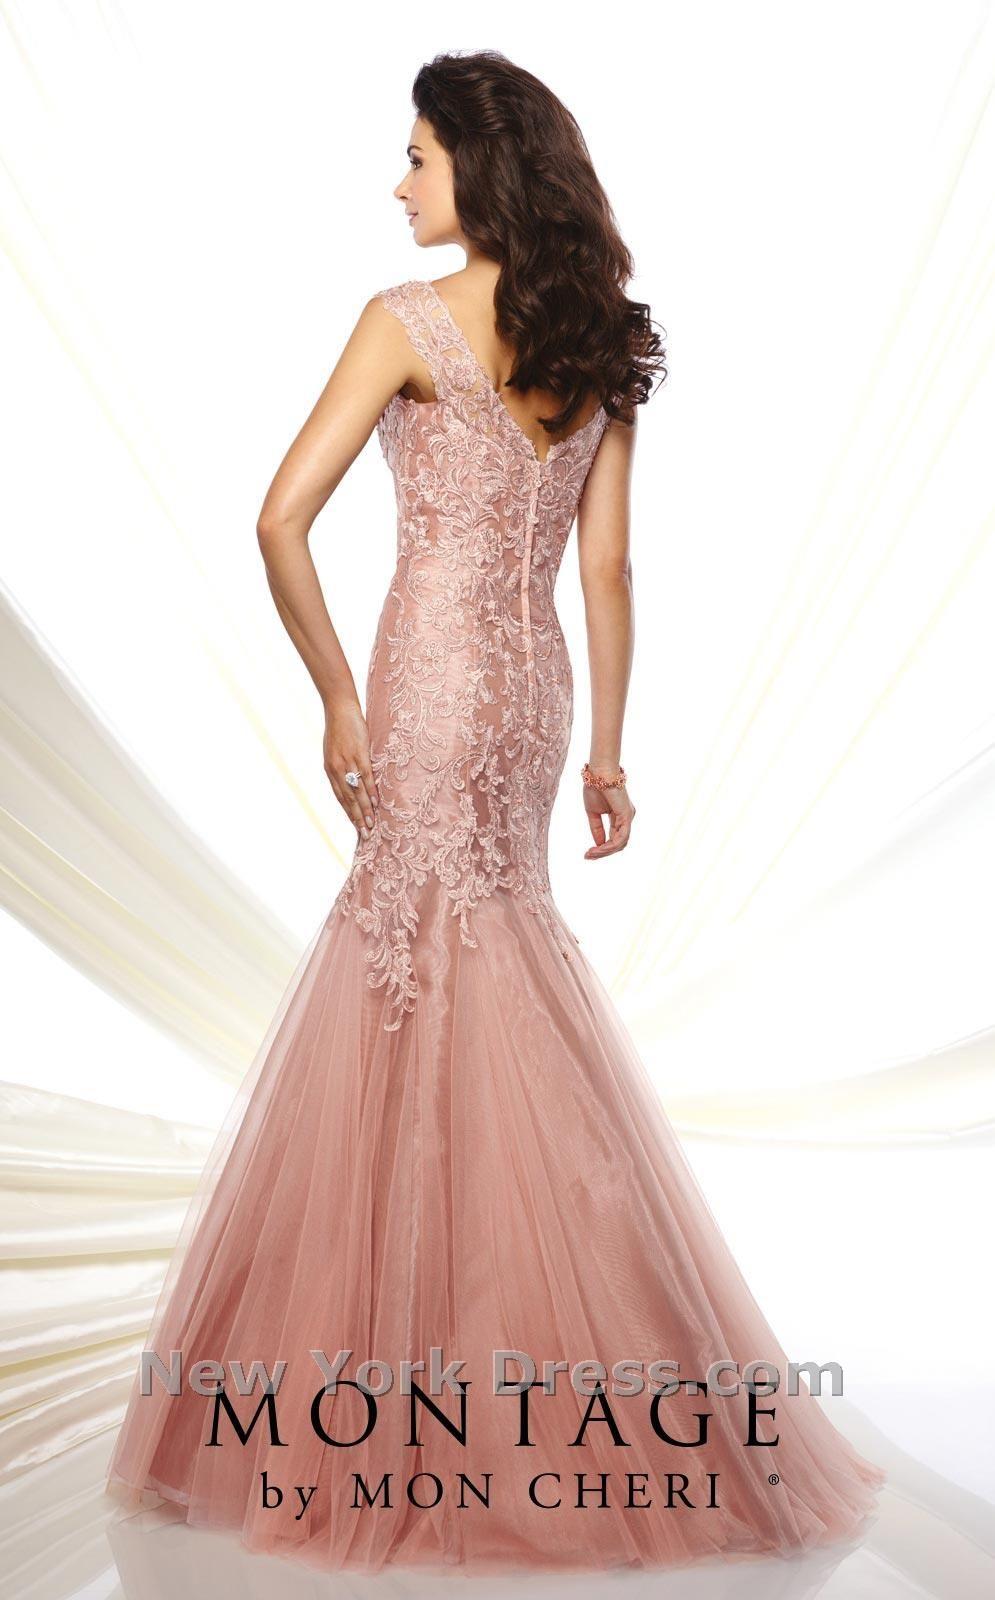 Pin de fanny gonzales en Elegante | Pinterest | Vestido bordado ...